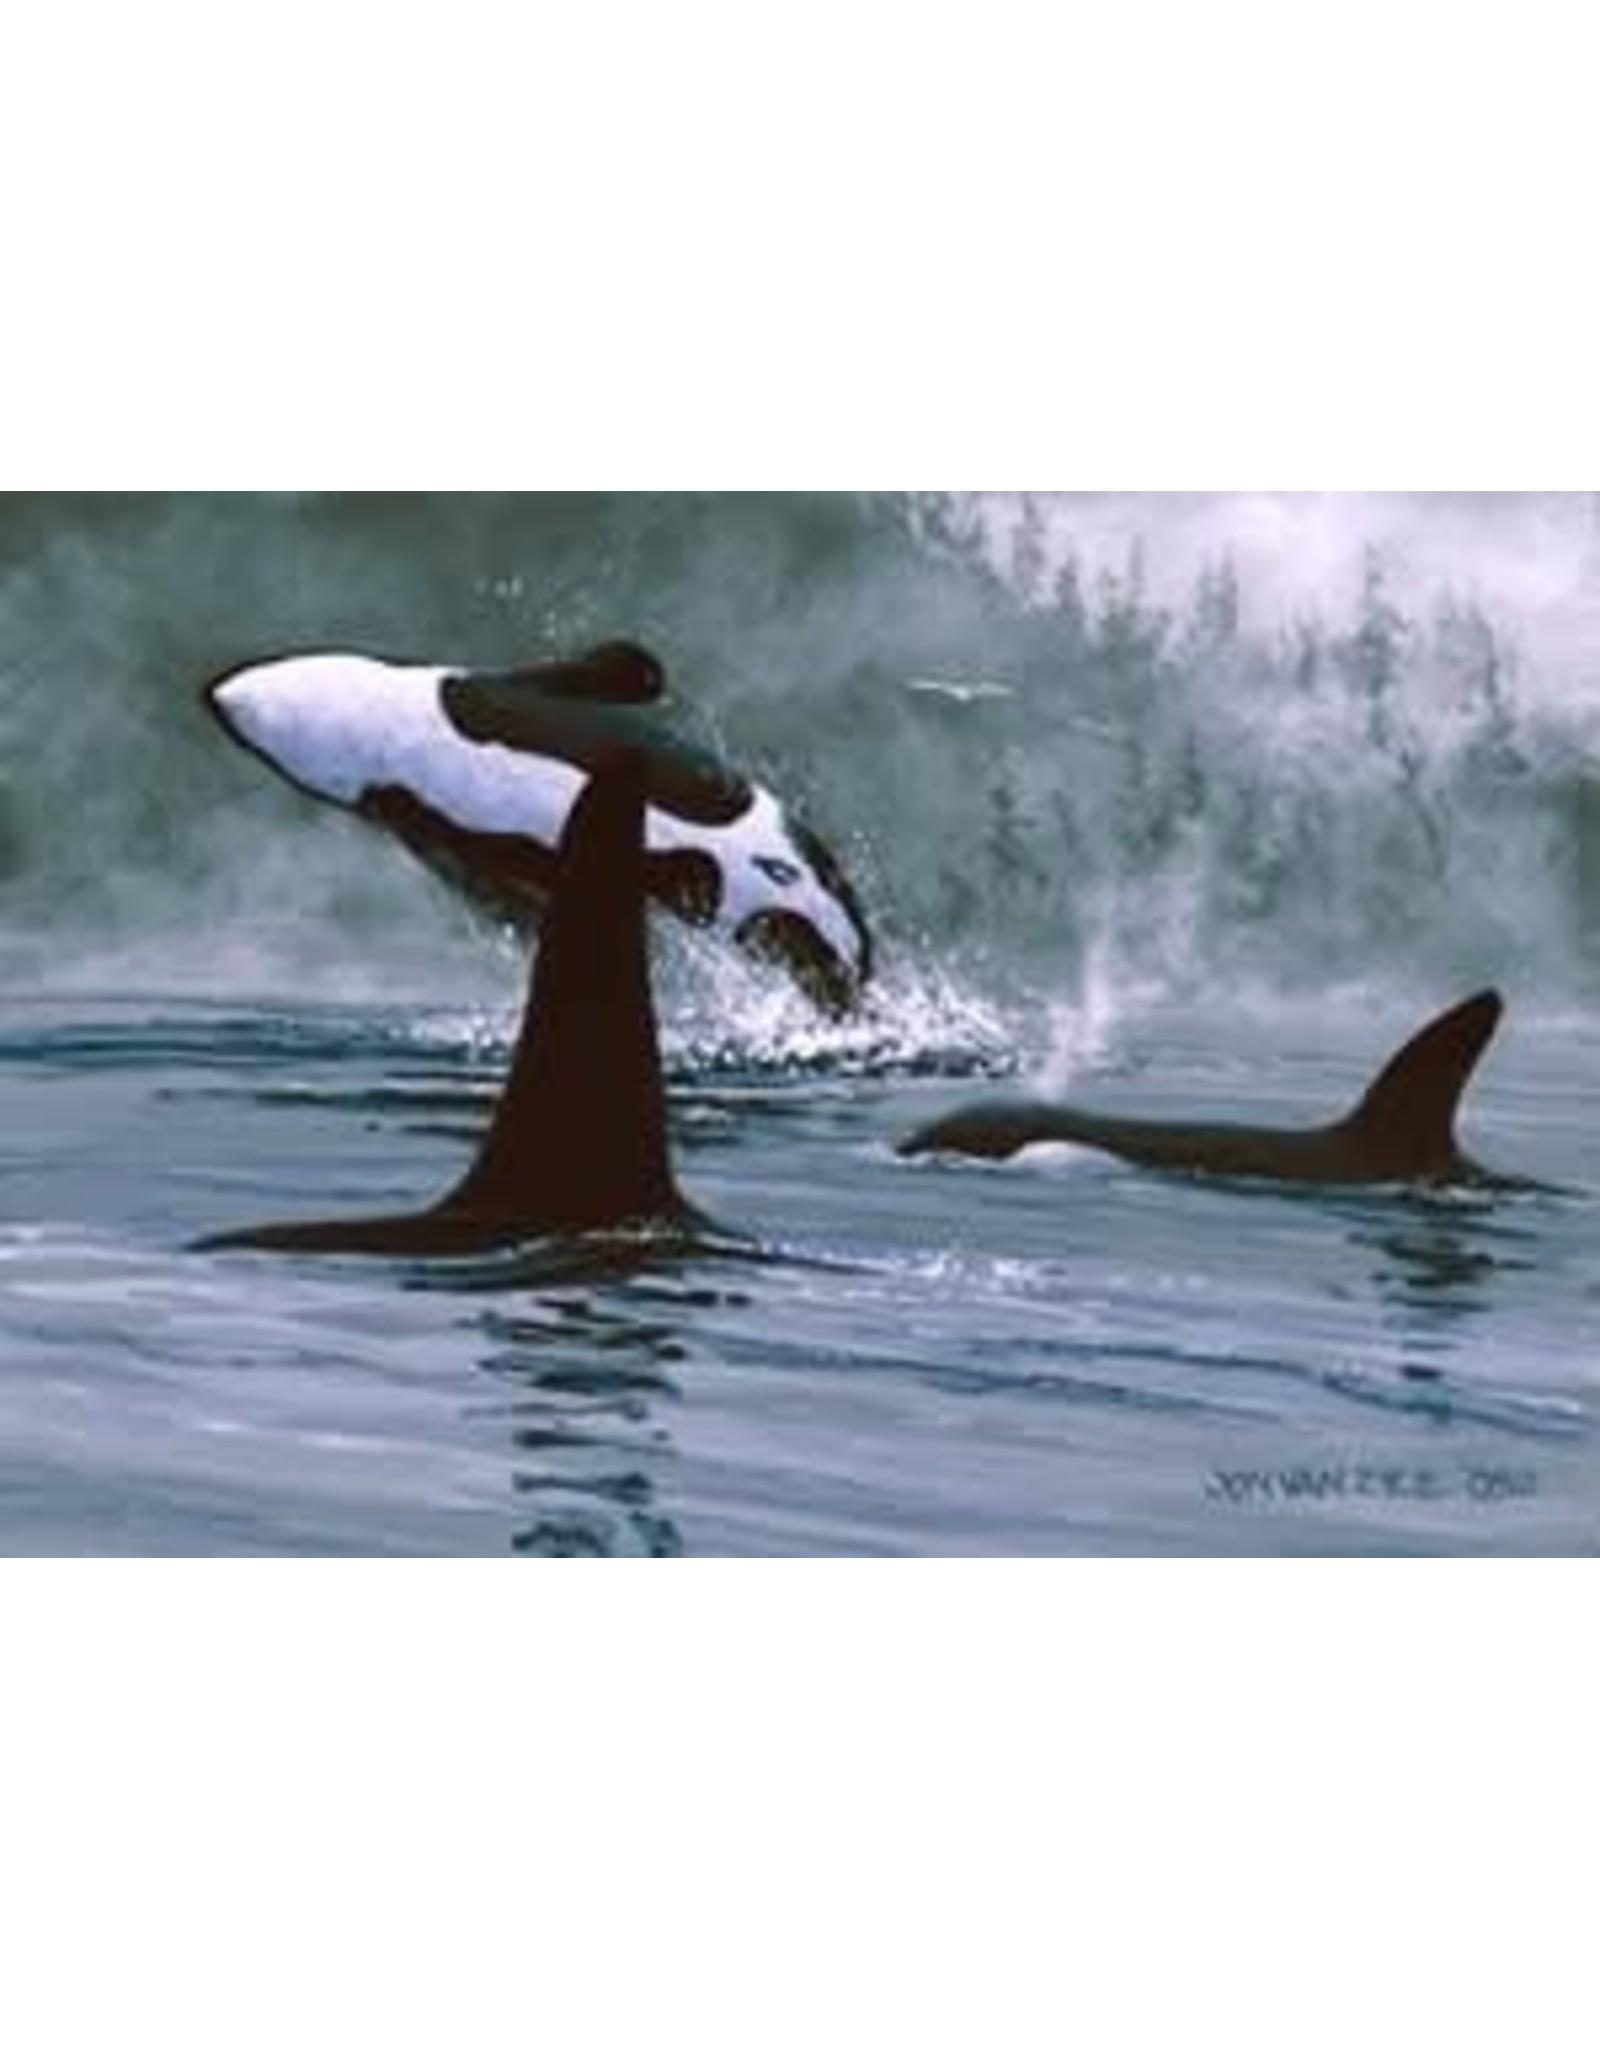 Jon Van Zyle Orcas | Jon Van Zyle